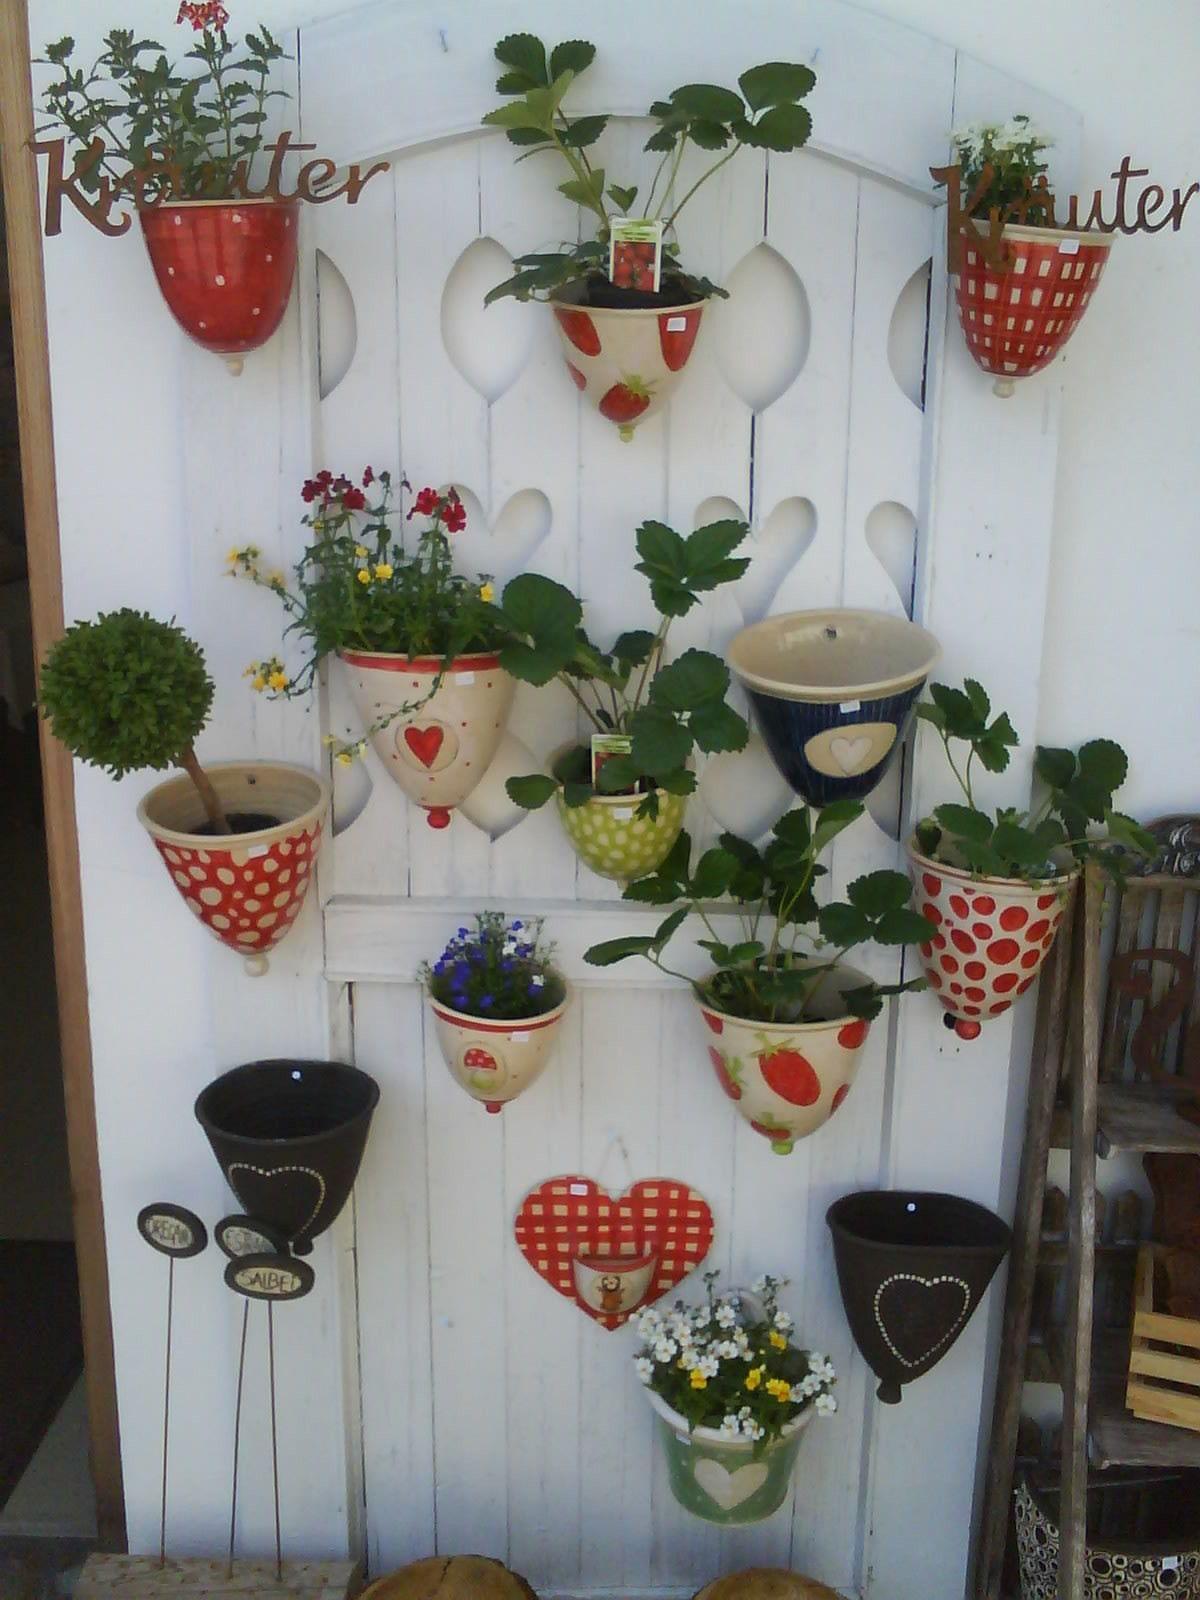 Gartenkeramik | Keramik Maria Meier #tazasceramica